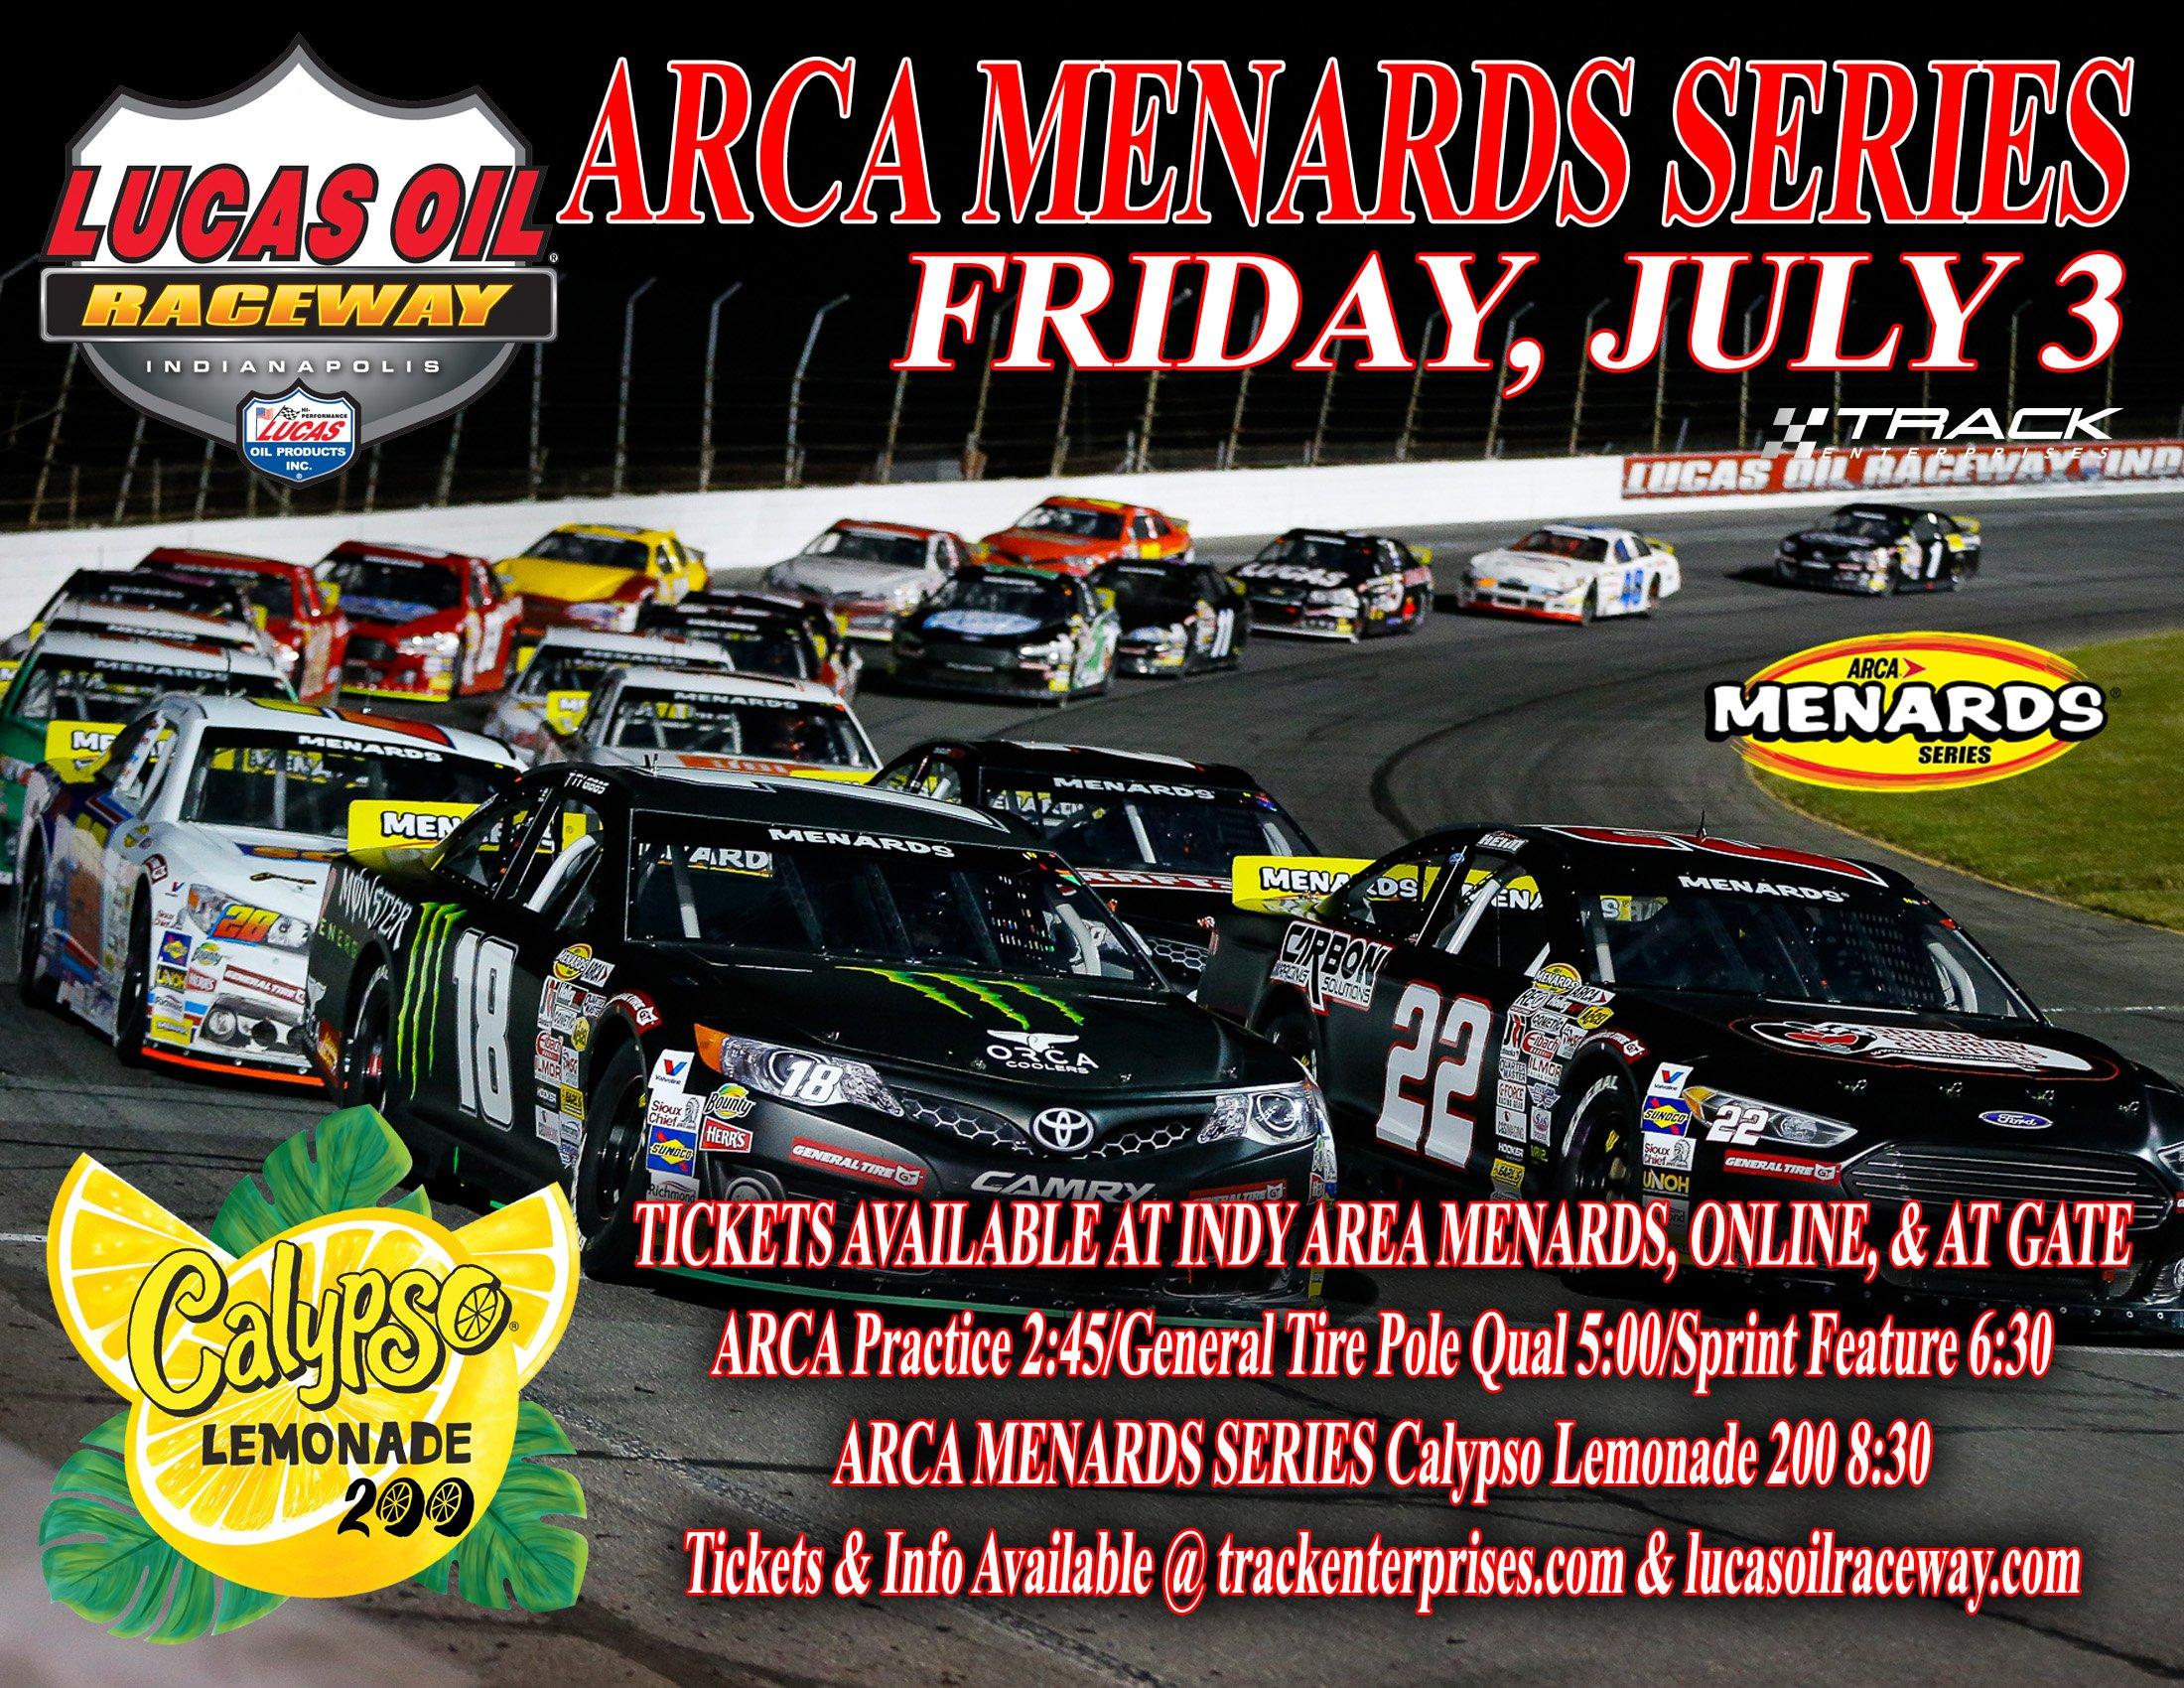 July 3 Lucas Oil Raceway